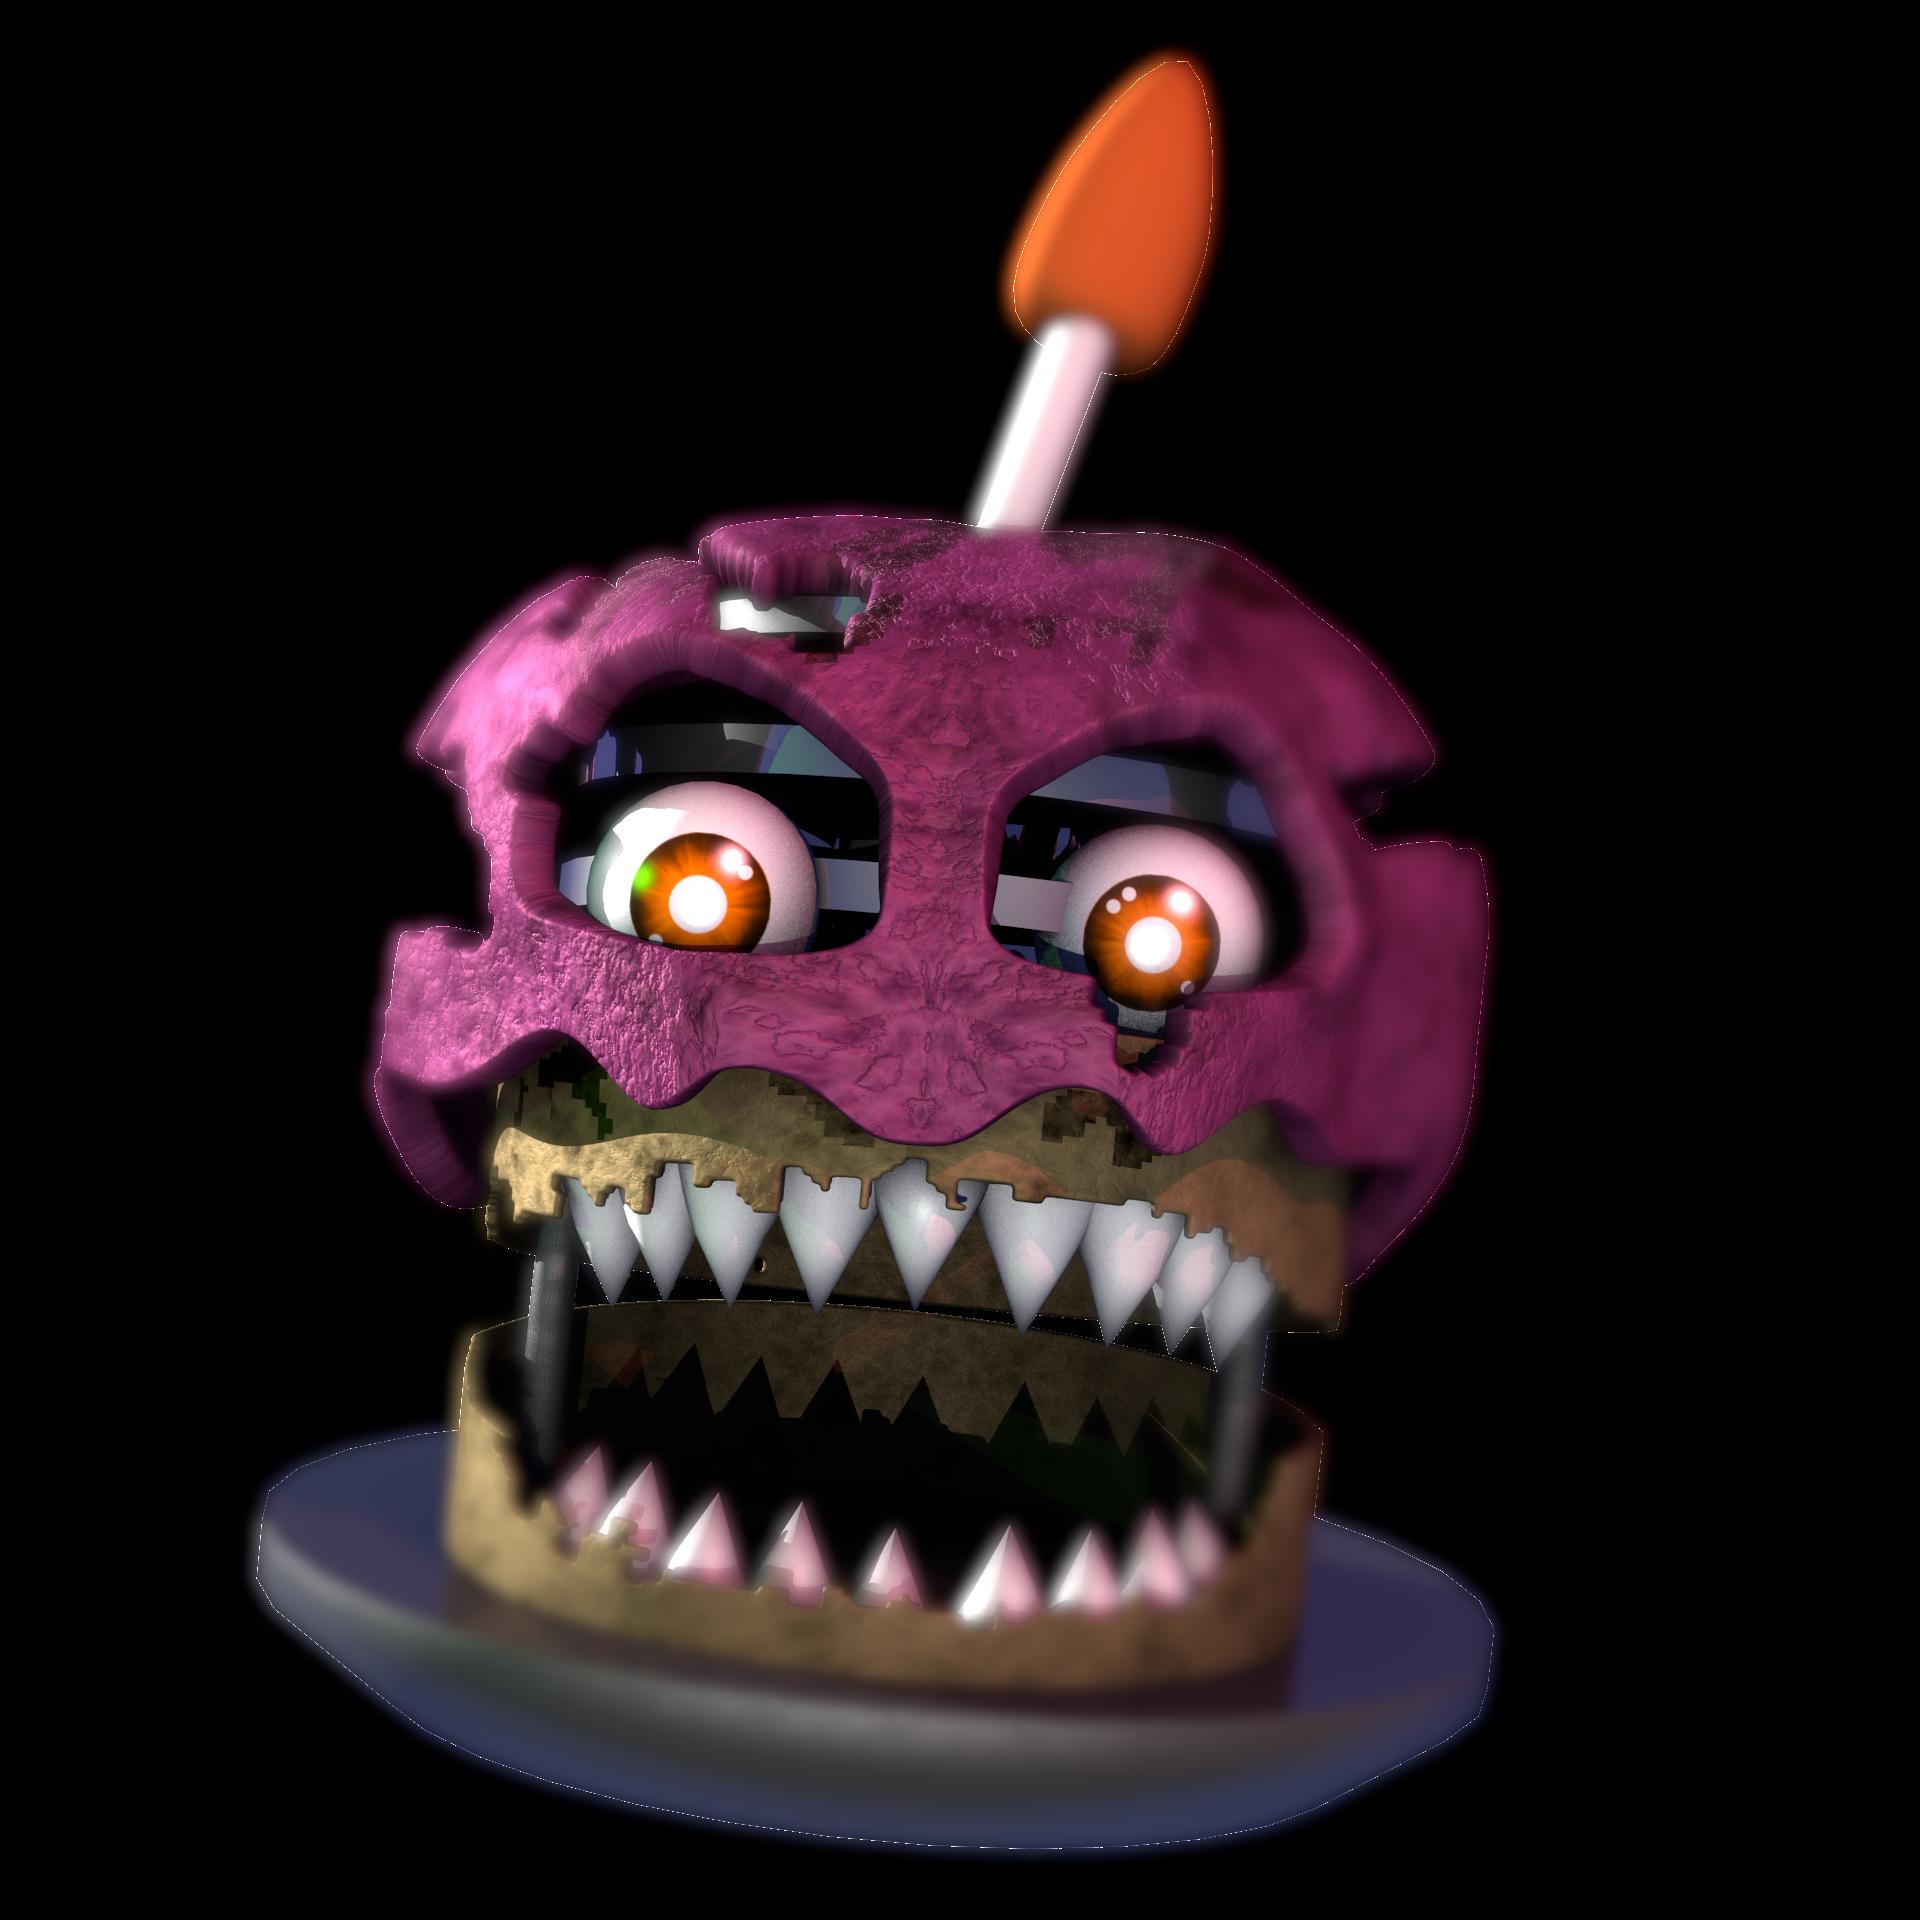 Clipart skull cupcake. Nightmare model fivenightsatfreddys modelnightmare